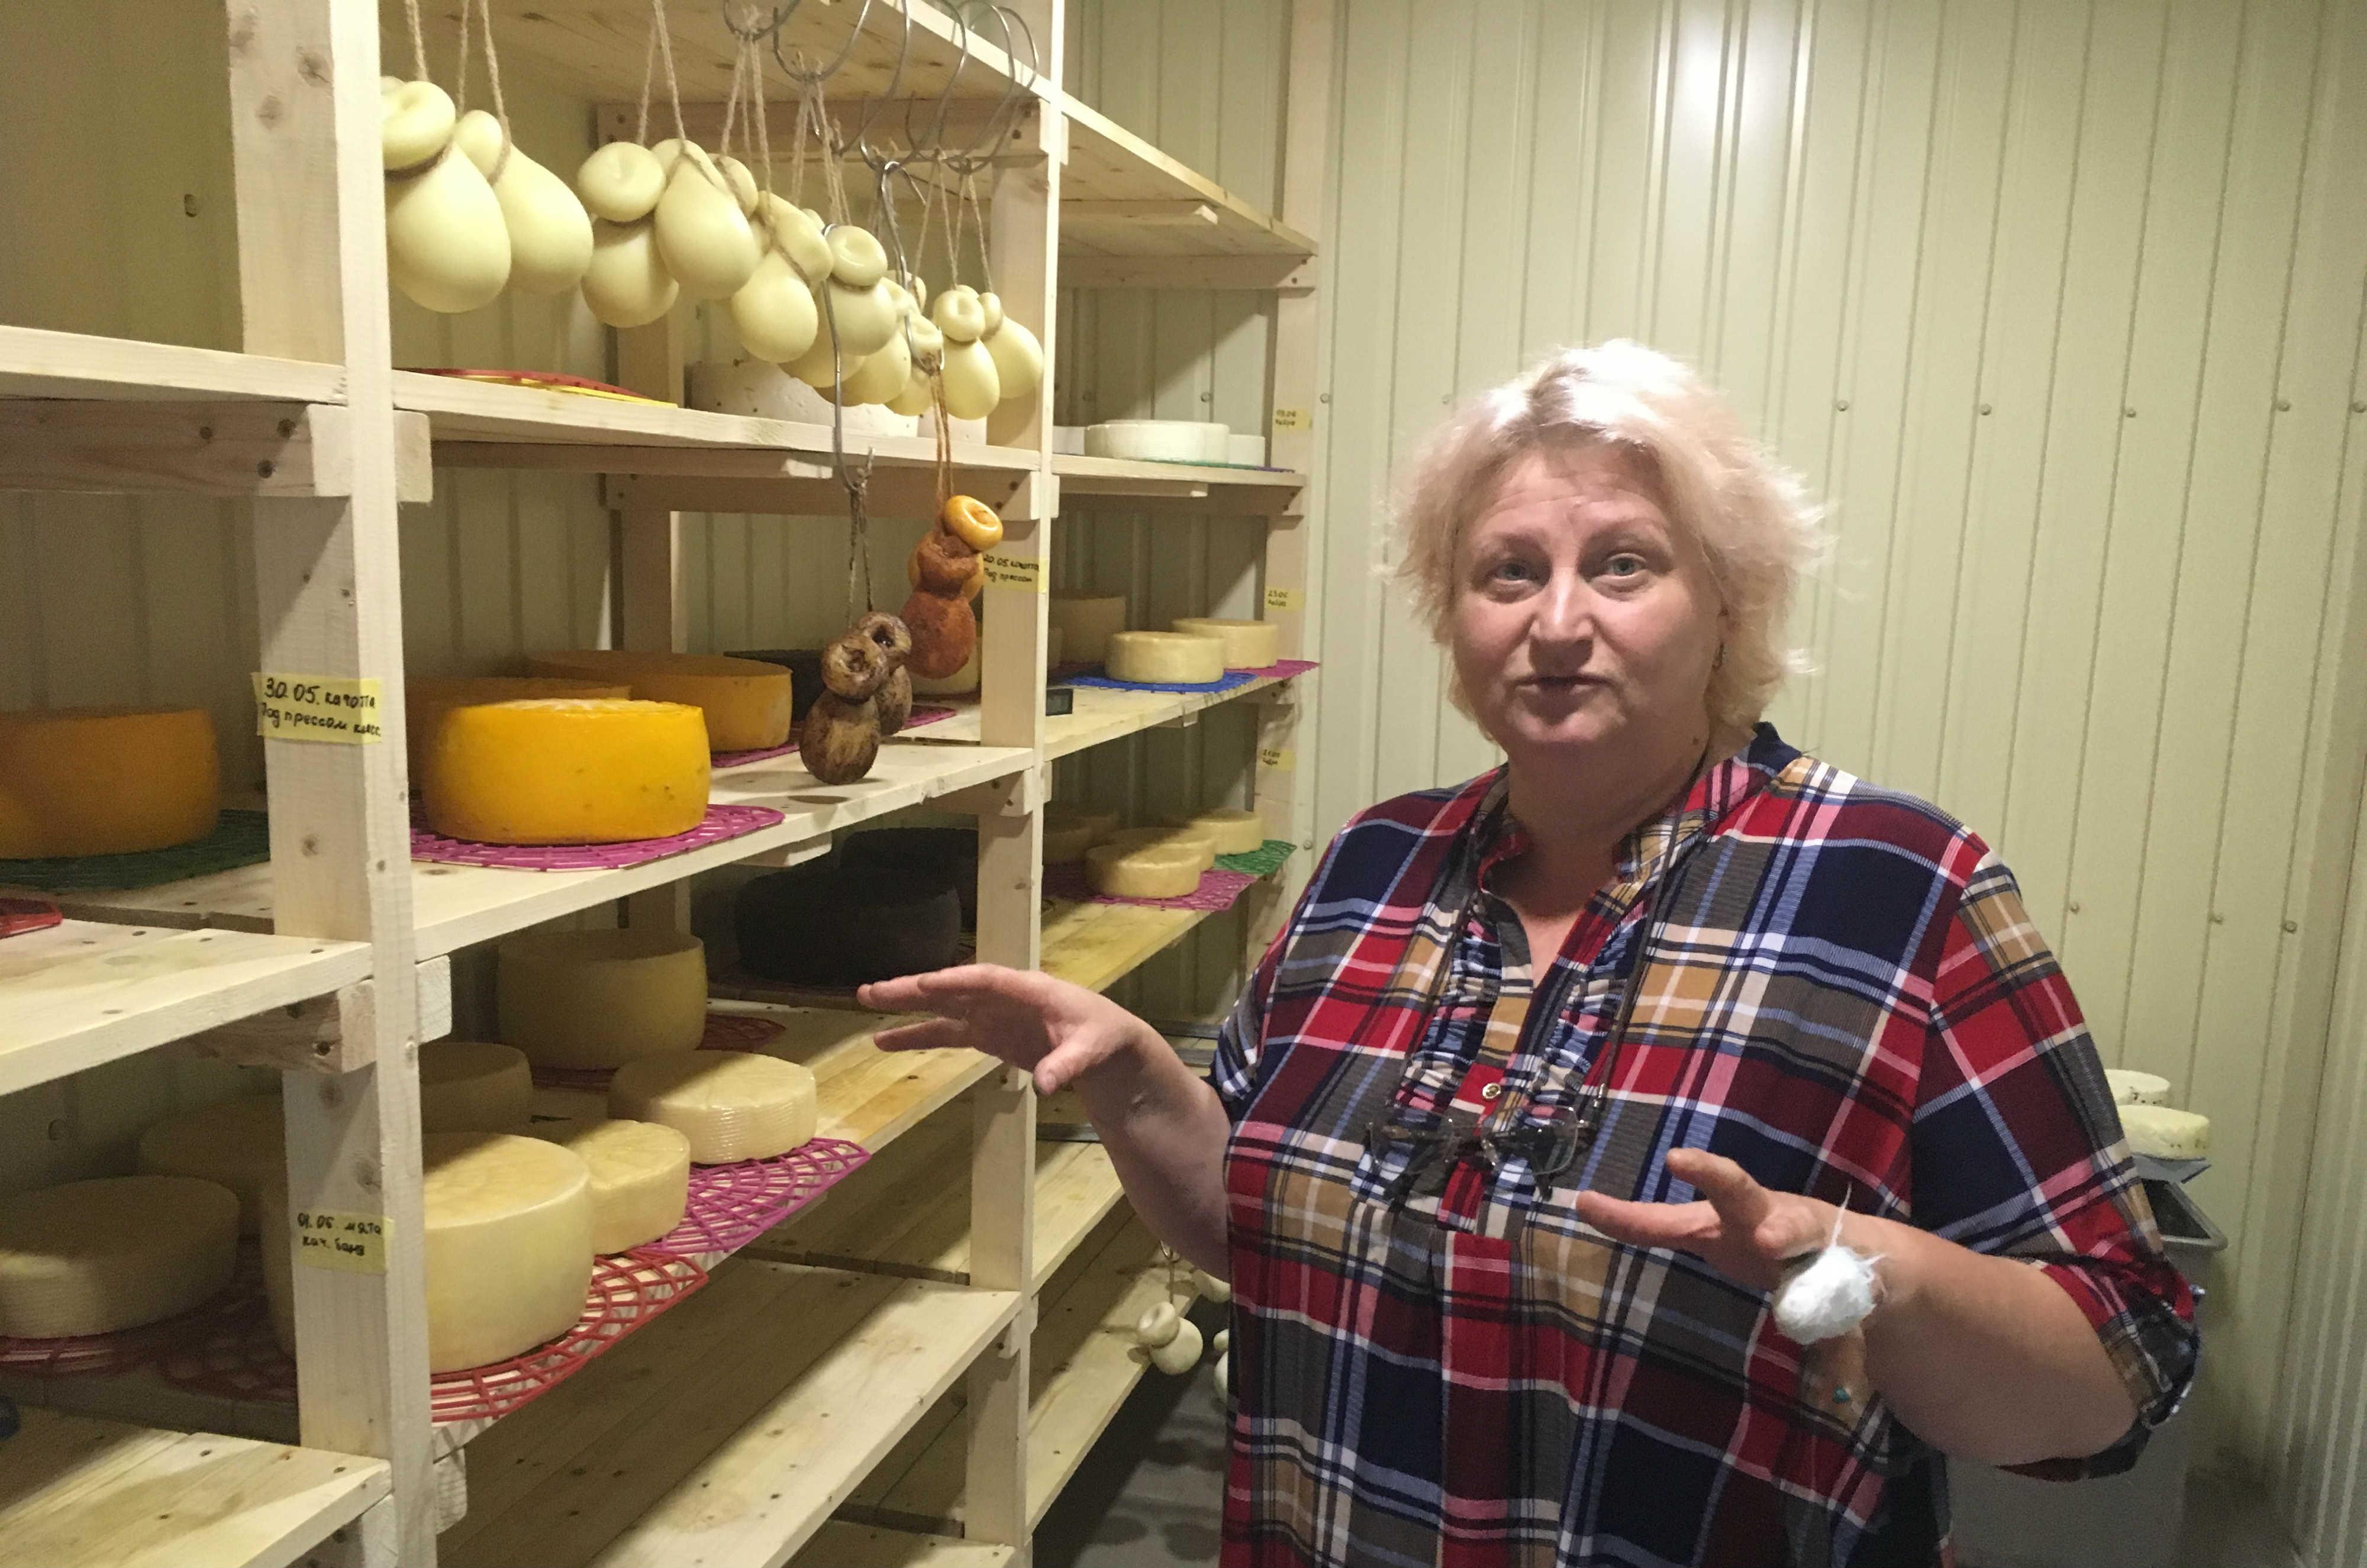 Снежана Альникова открыла маленькое предприятие по производству сыра на грант от Донецкой госадминистрации (Фото Мелинды Хэринг)